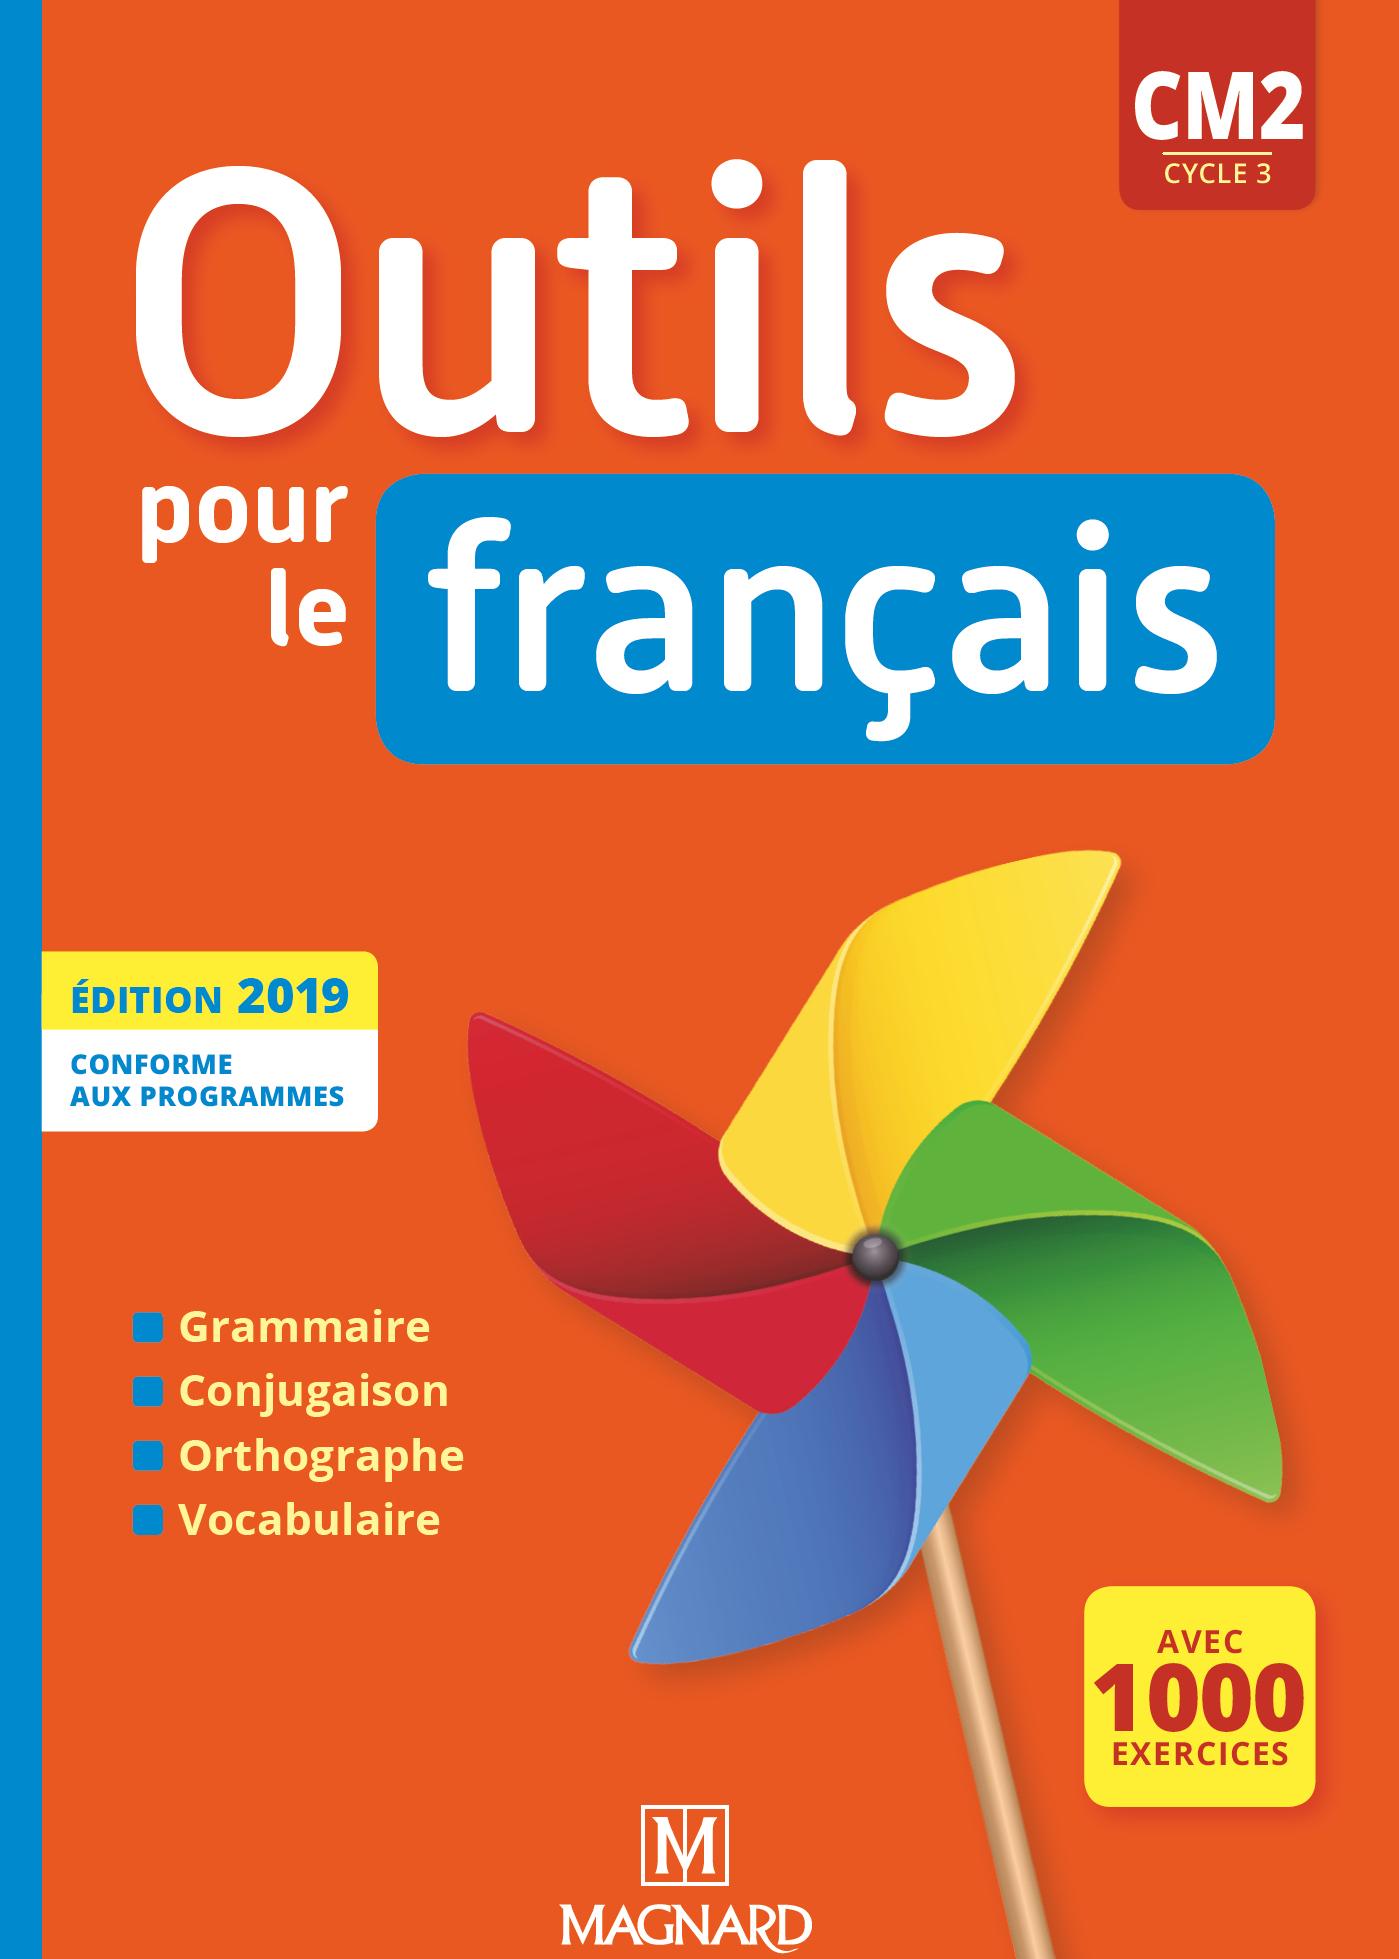 Outils Pour Le Français Cm2 (2019) - Manuel | Magnard encequiconcerne Exercice Cm2 Gratuit